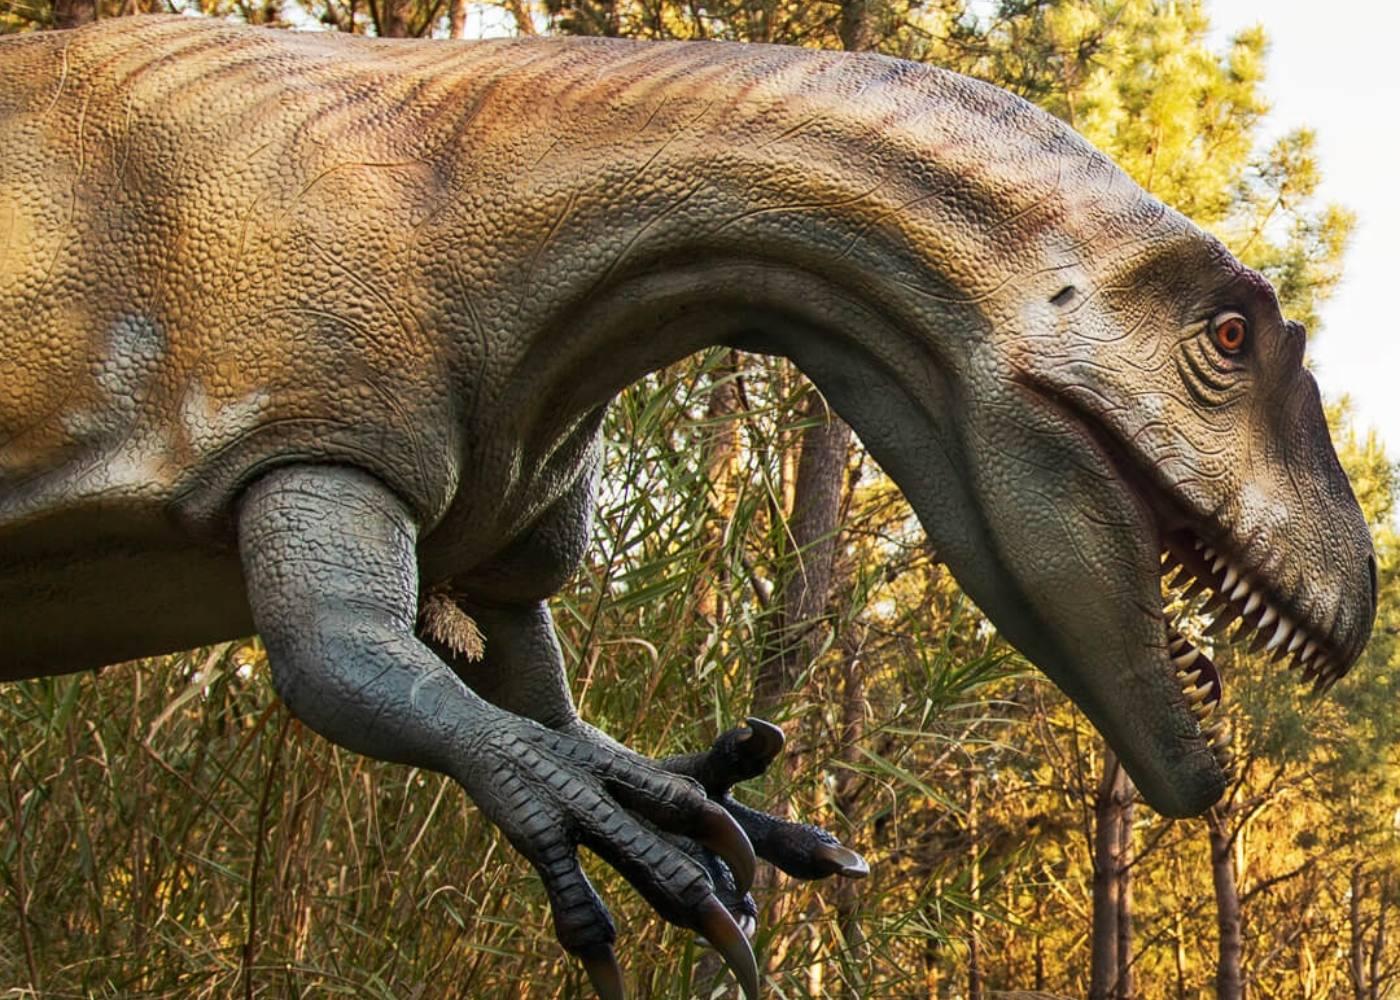 Modelo de dinossauro na Lourinhã